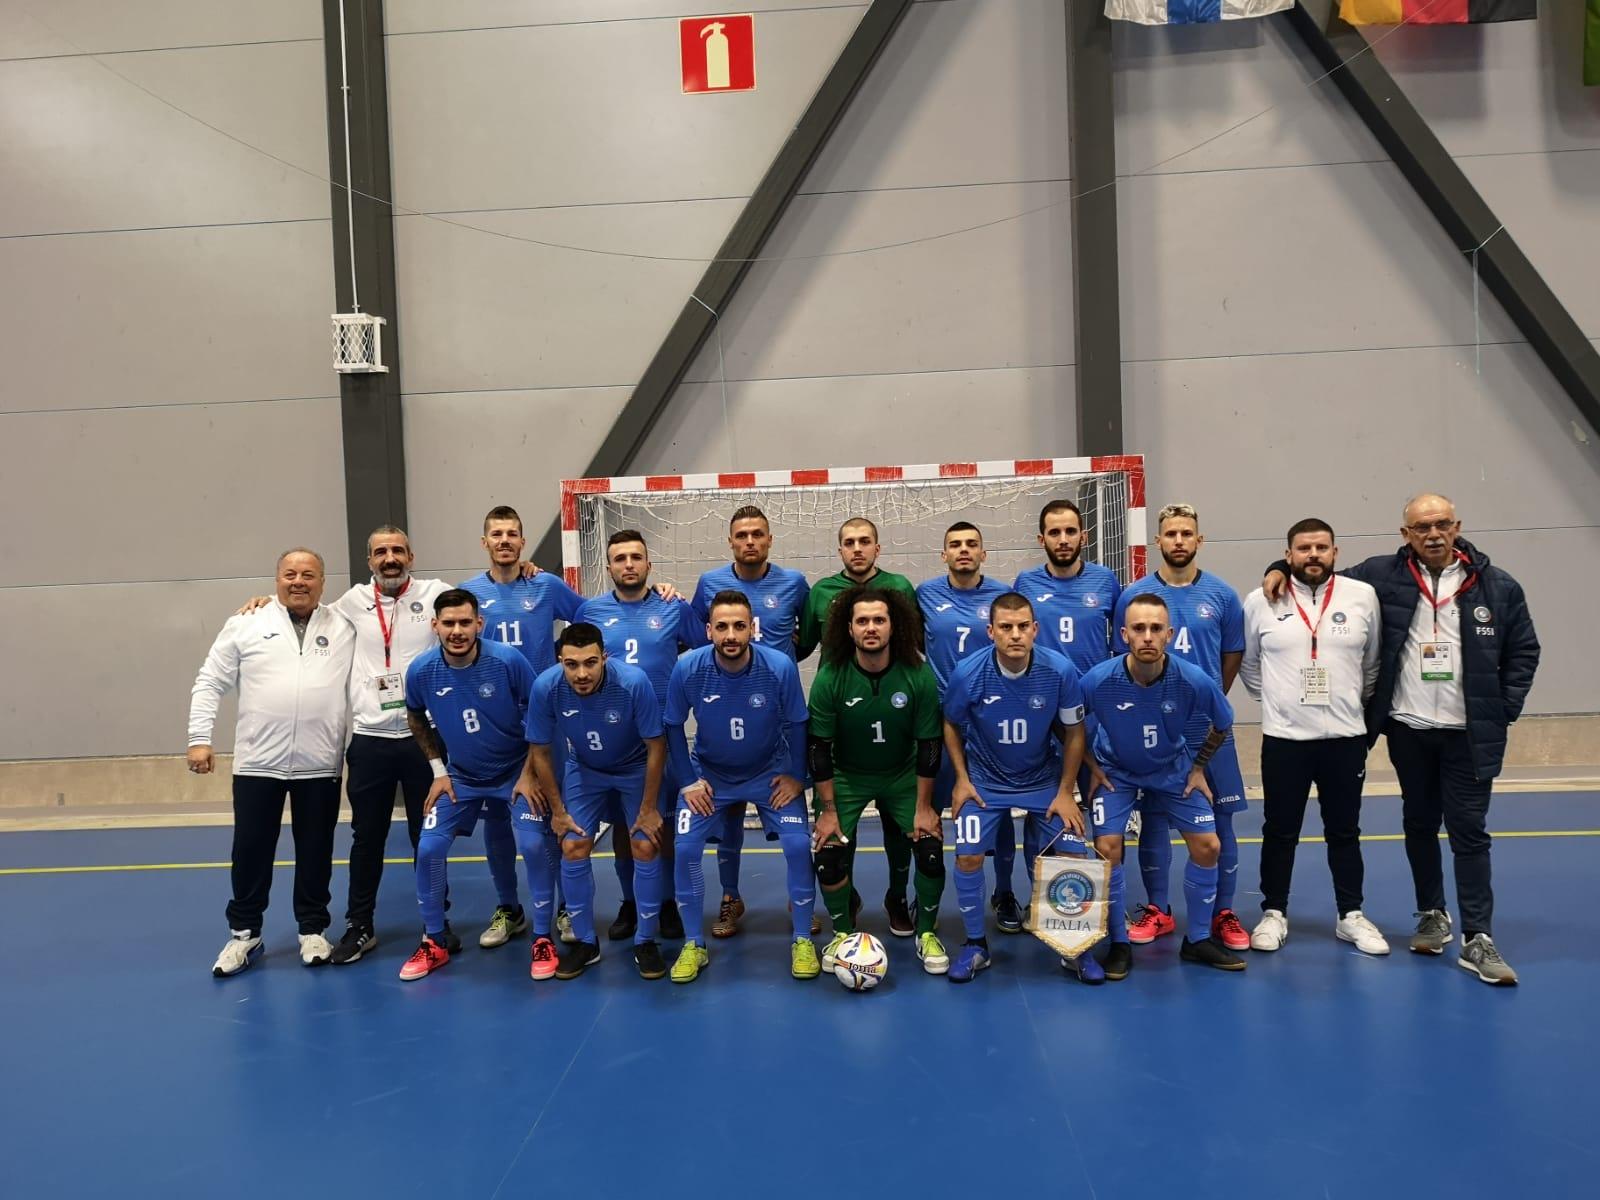 5° Campionato Europeo di Futsal a Tampere. Italia vs Repubblica Ceca 4-4